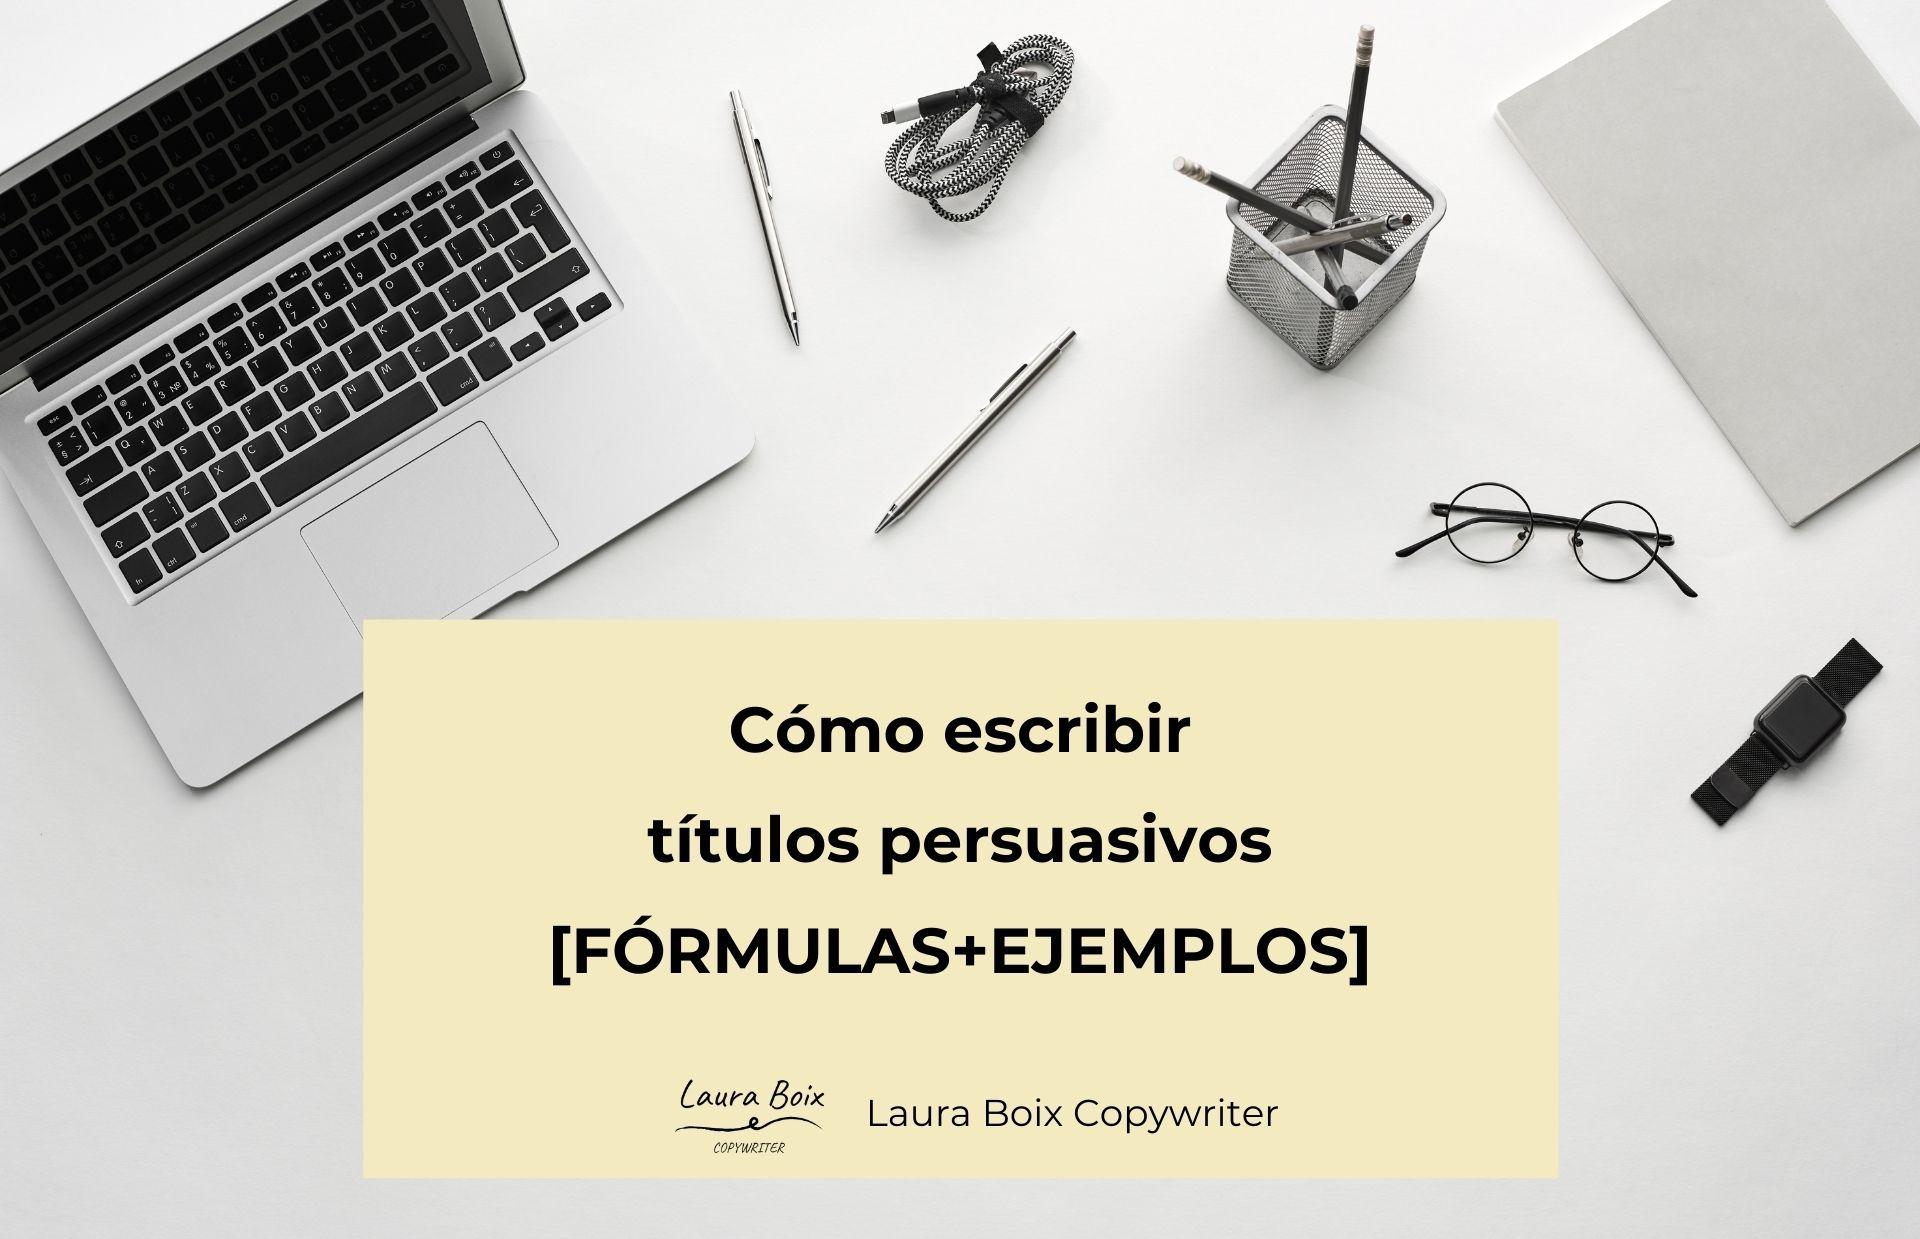 como-escribir-títulos-persuasivos-formulas-ejemplos